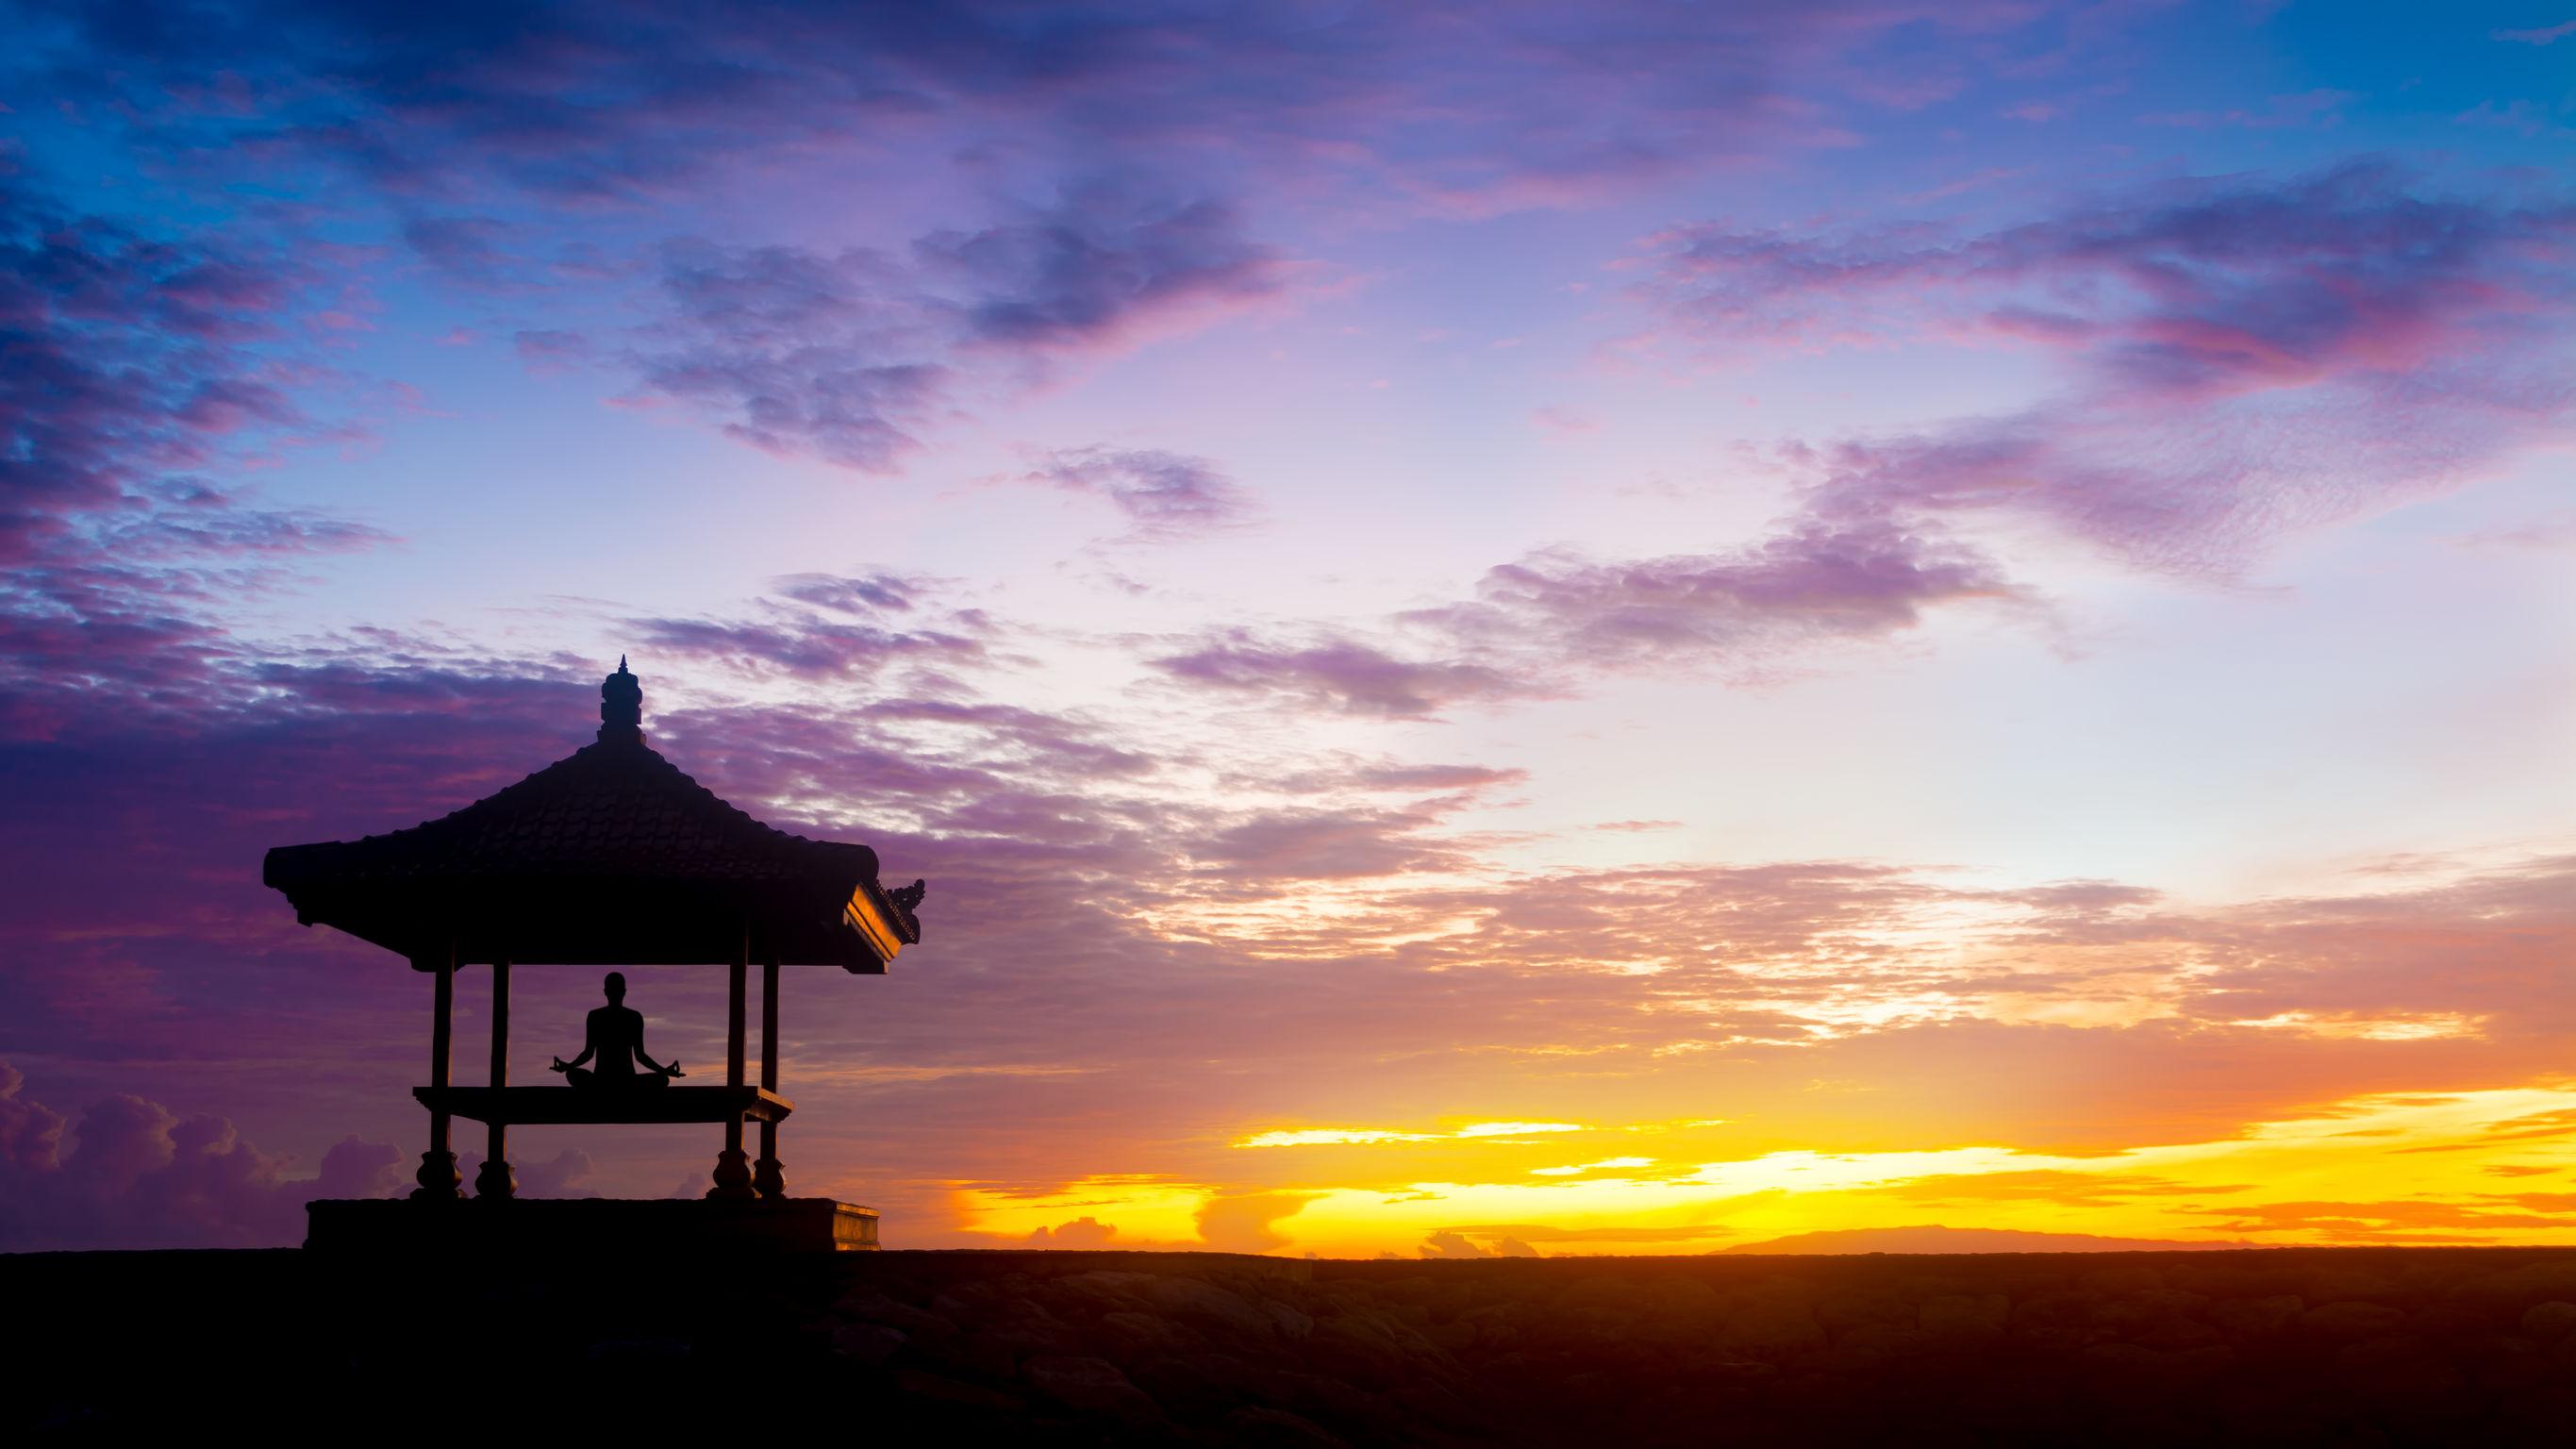 La méditation : cultiver le silence, la paix intérieure